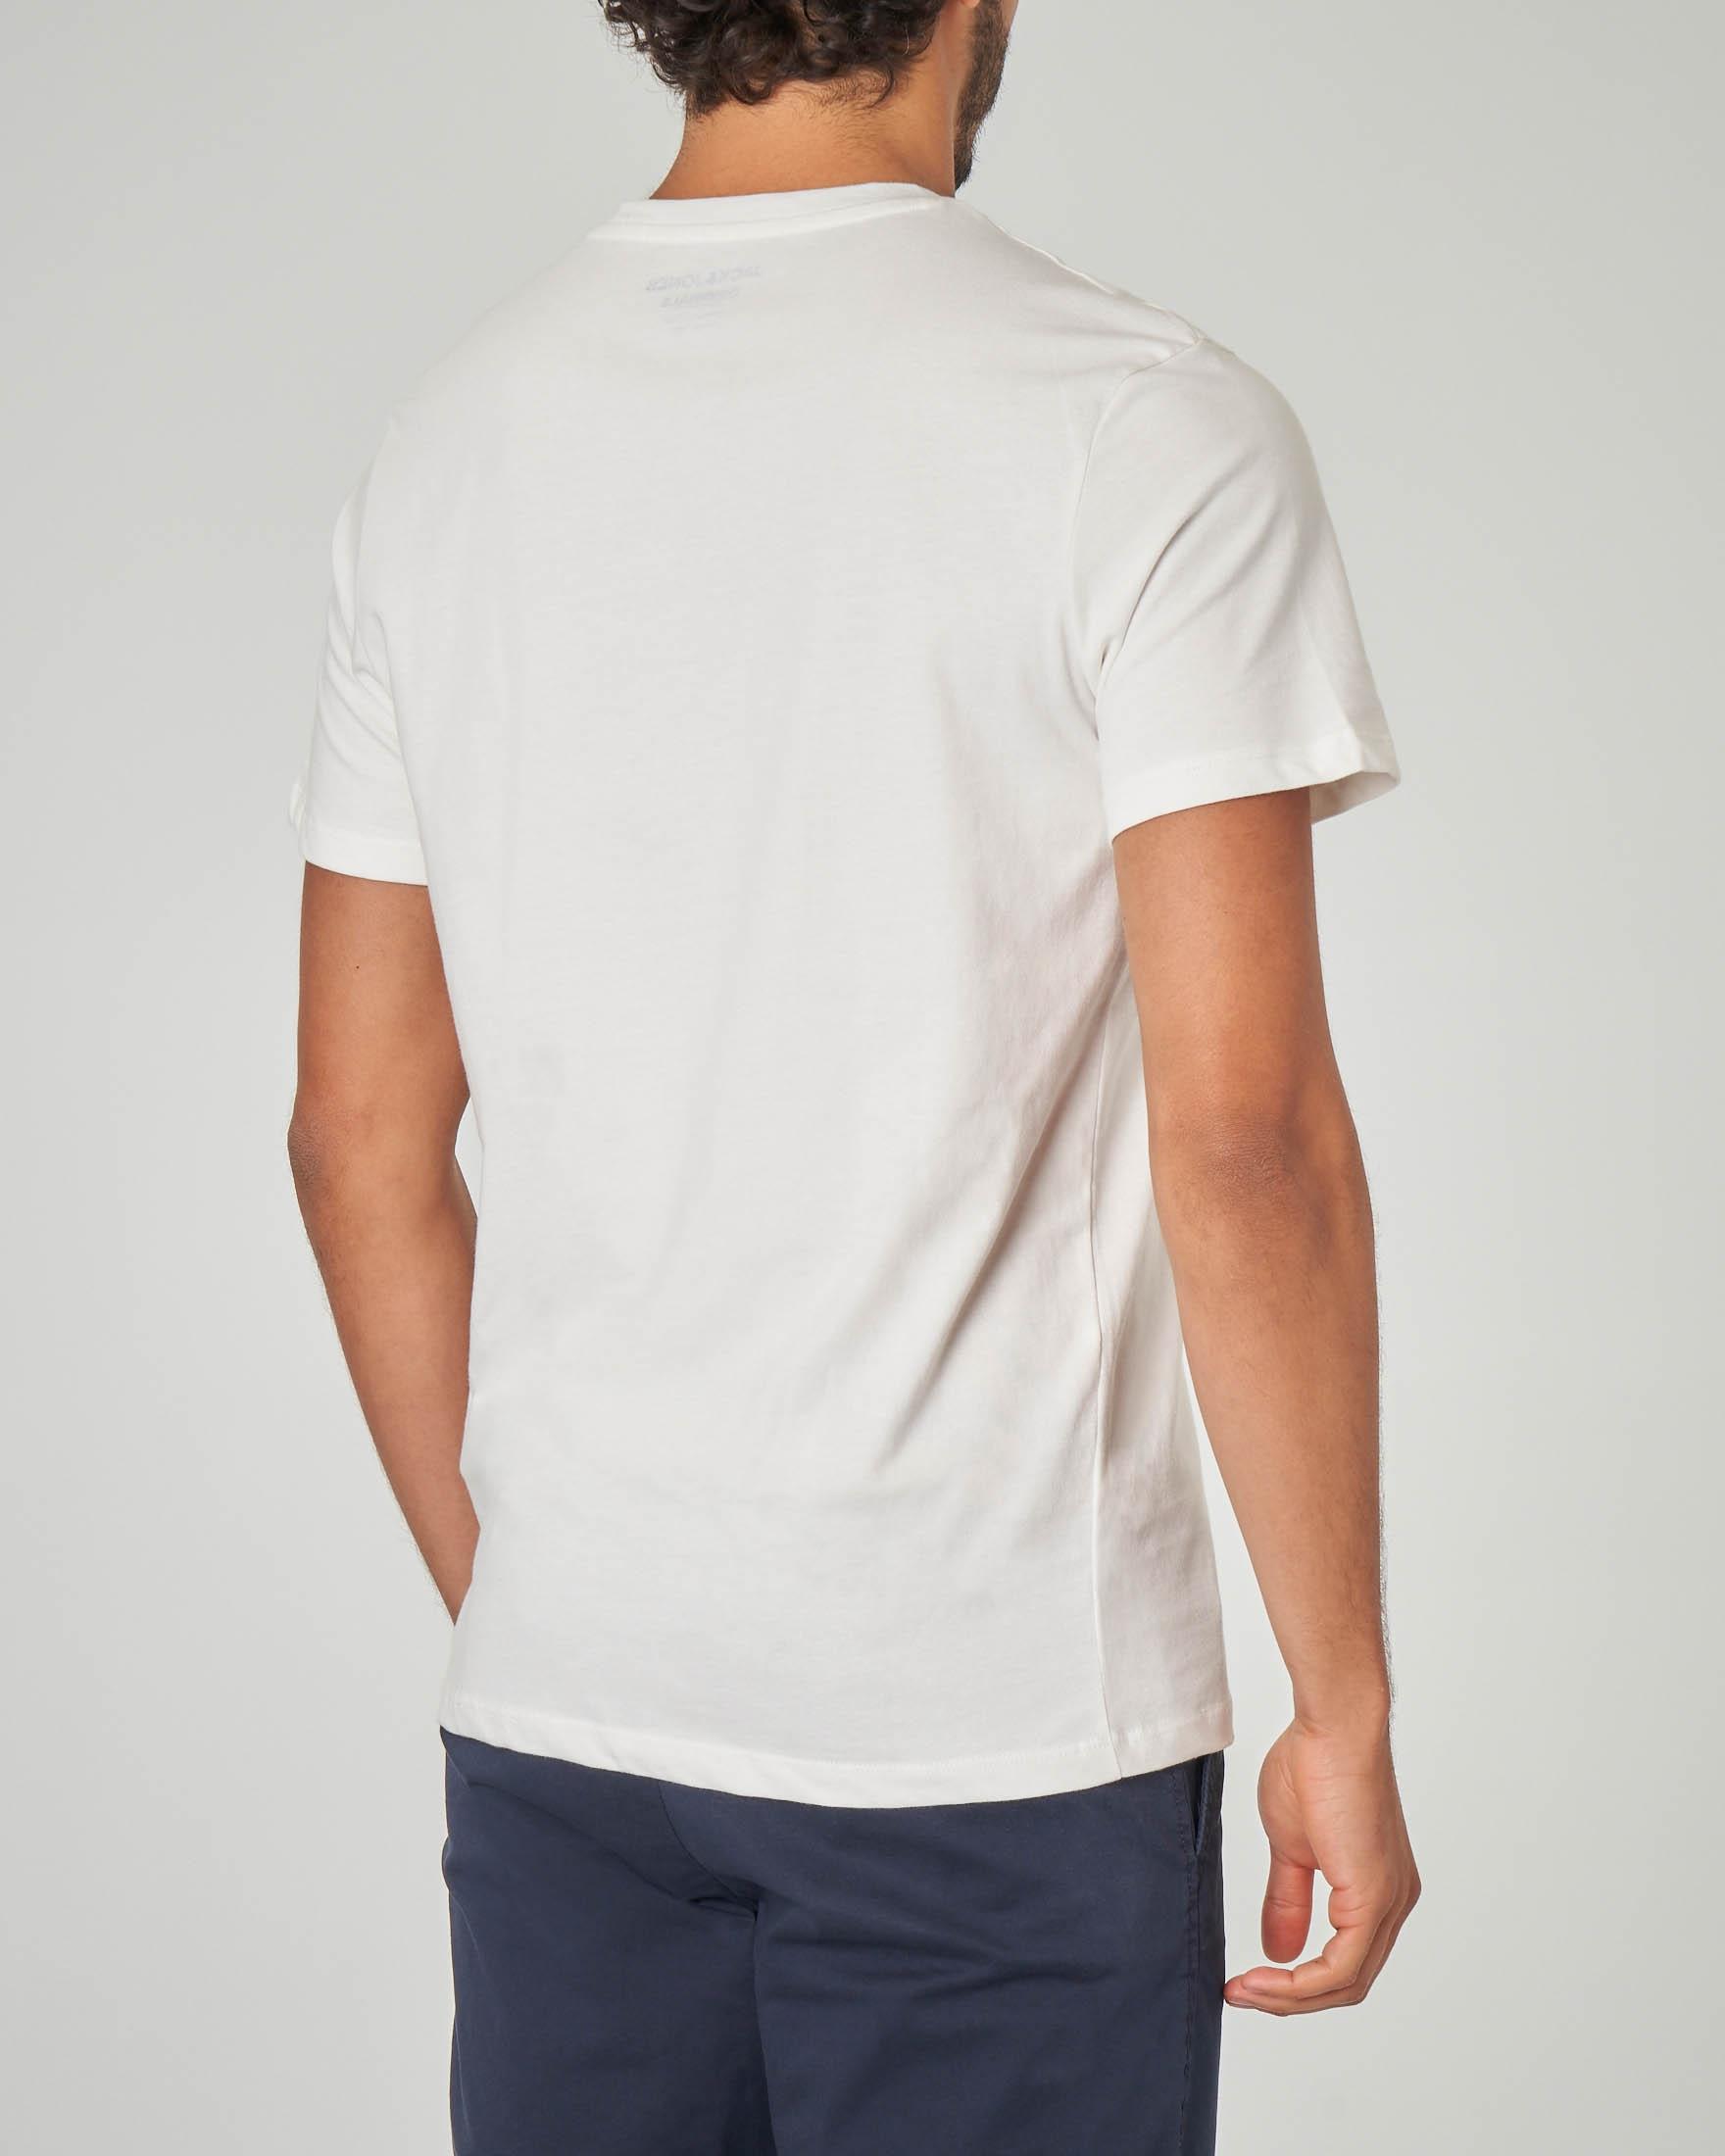 T-shirt bianca surf